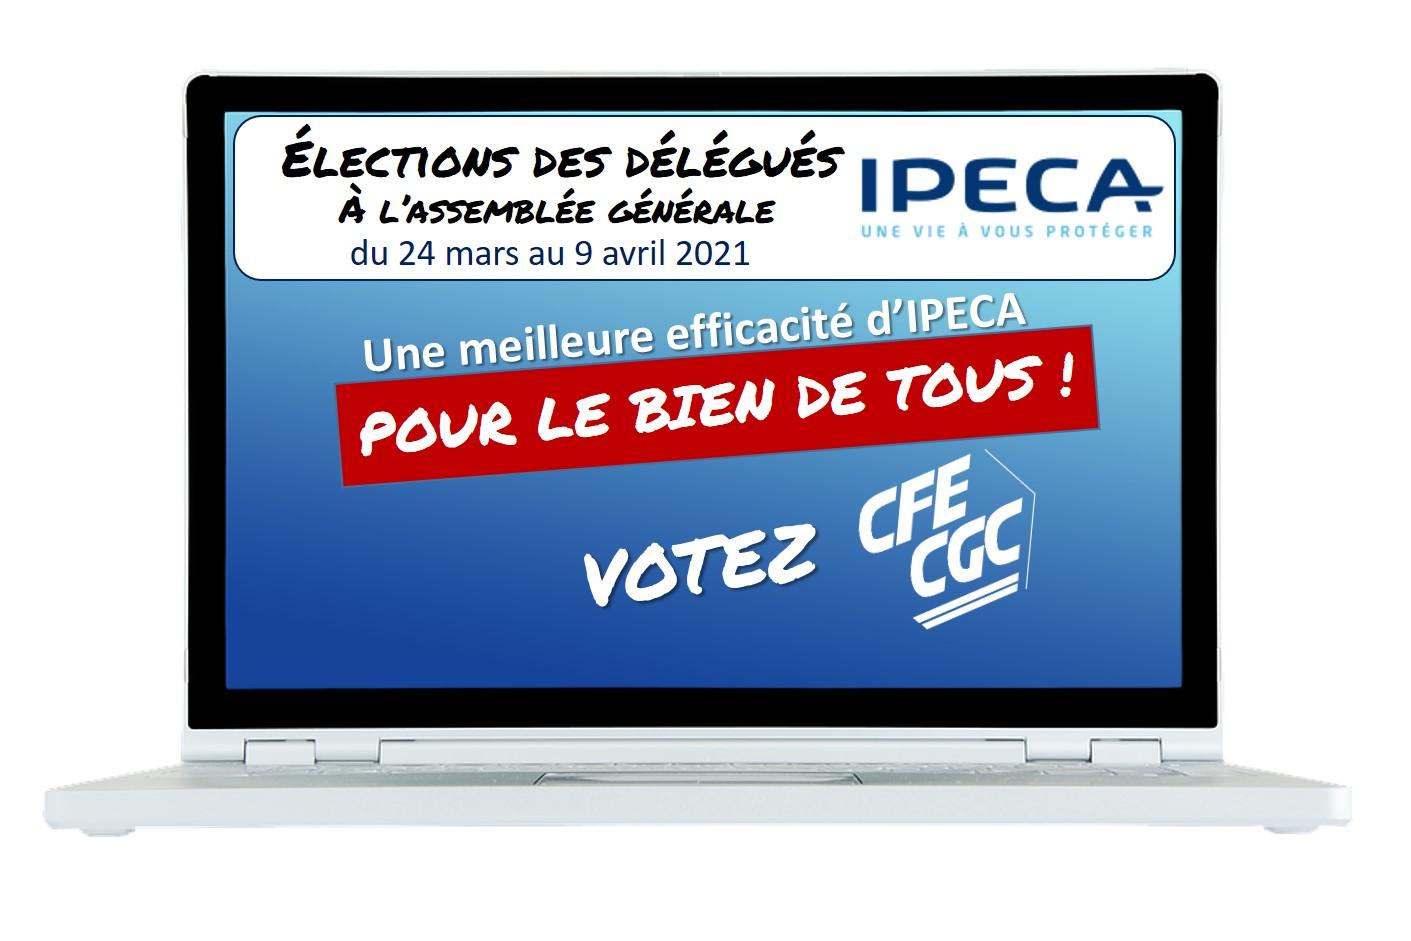 Une meilleure efficacité d'IPECA